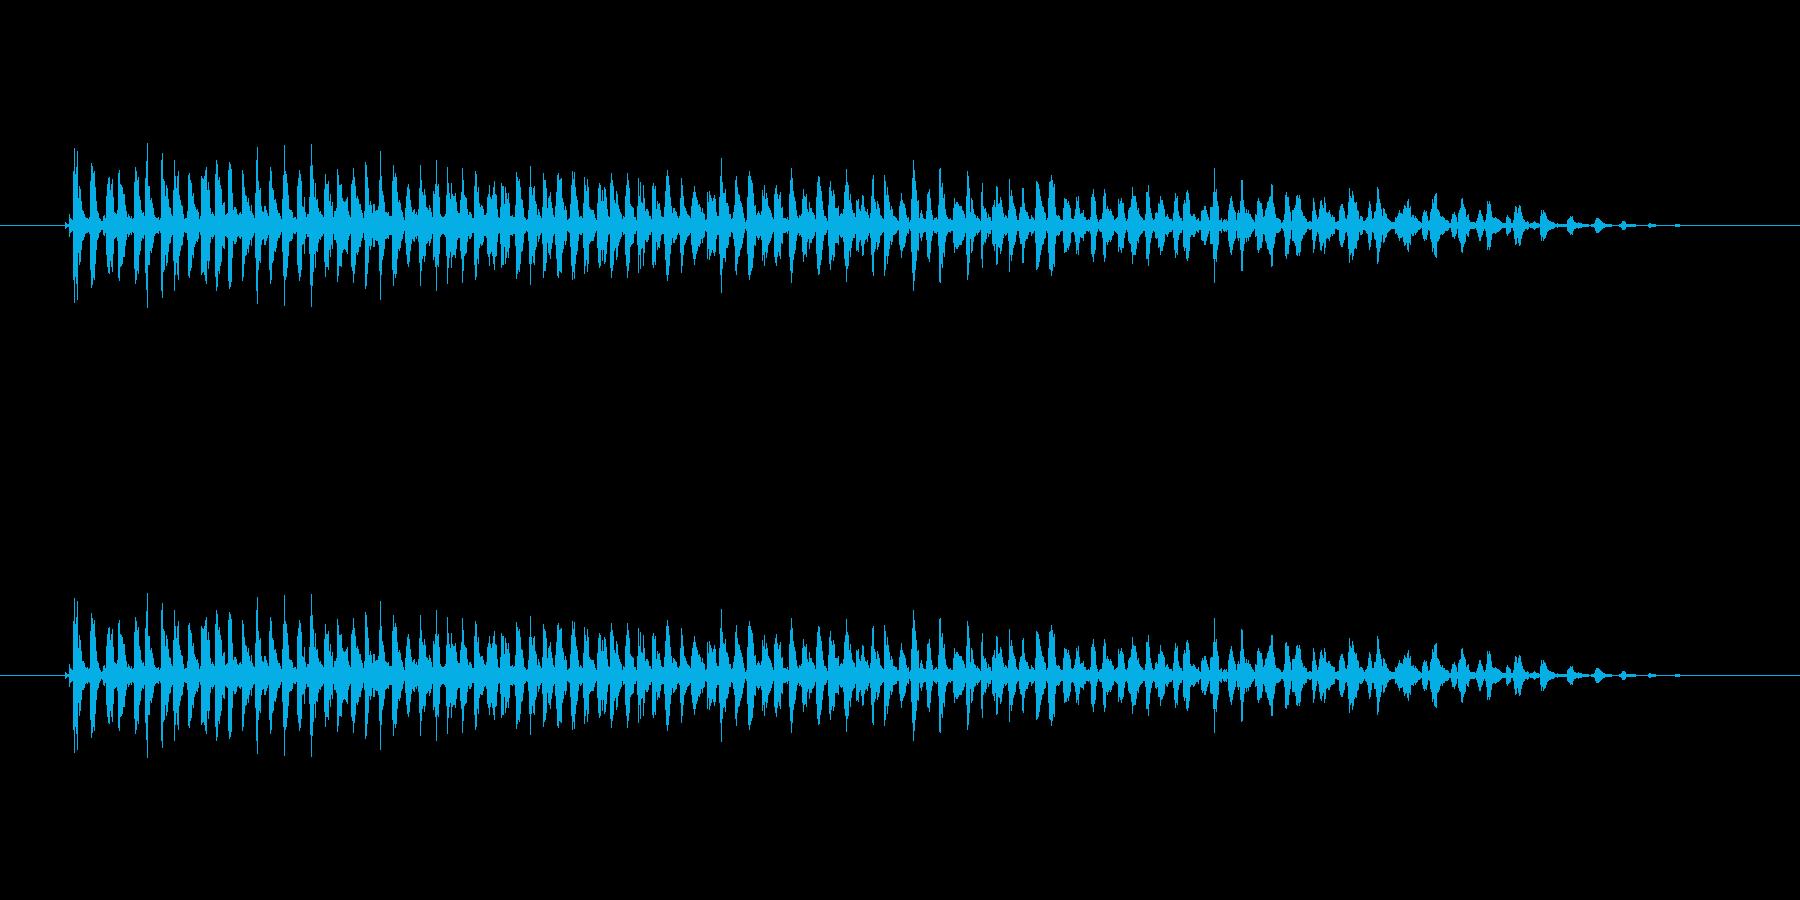 【ビブラスラップ01-3】の再生済みの波形